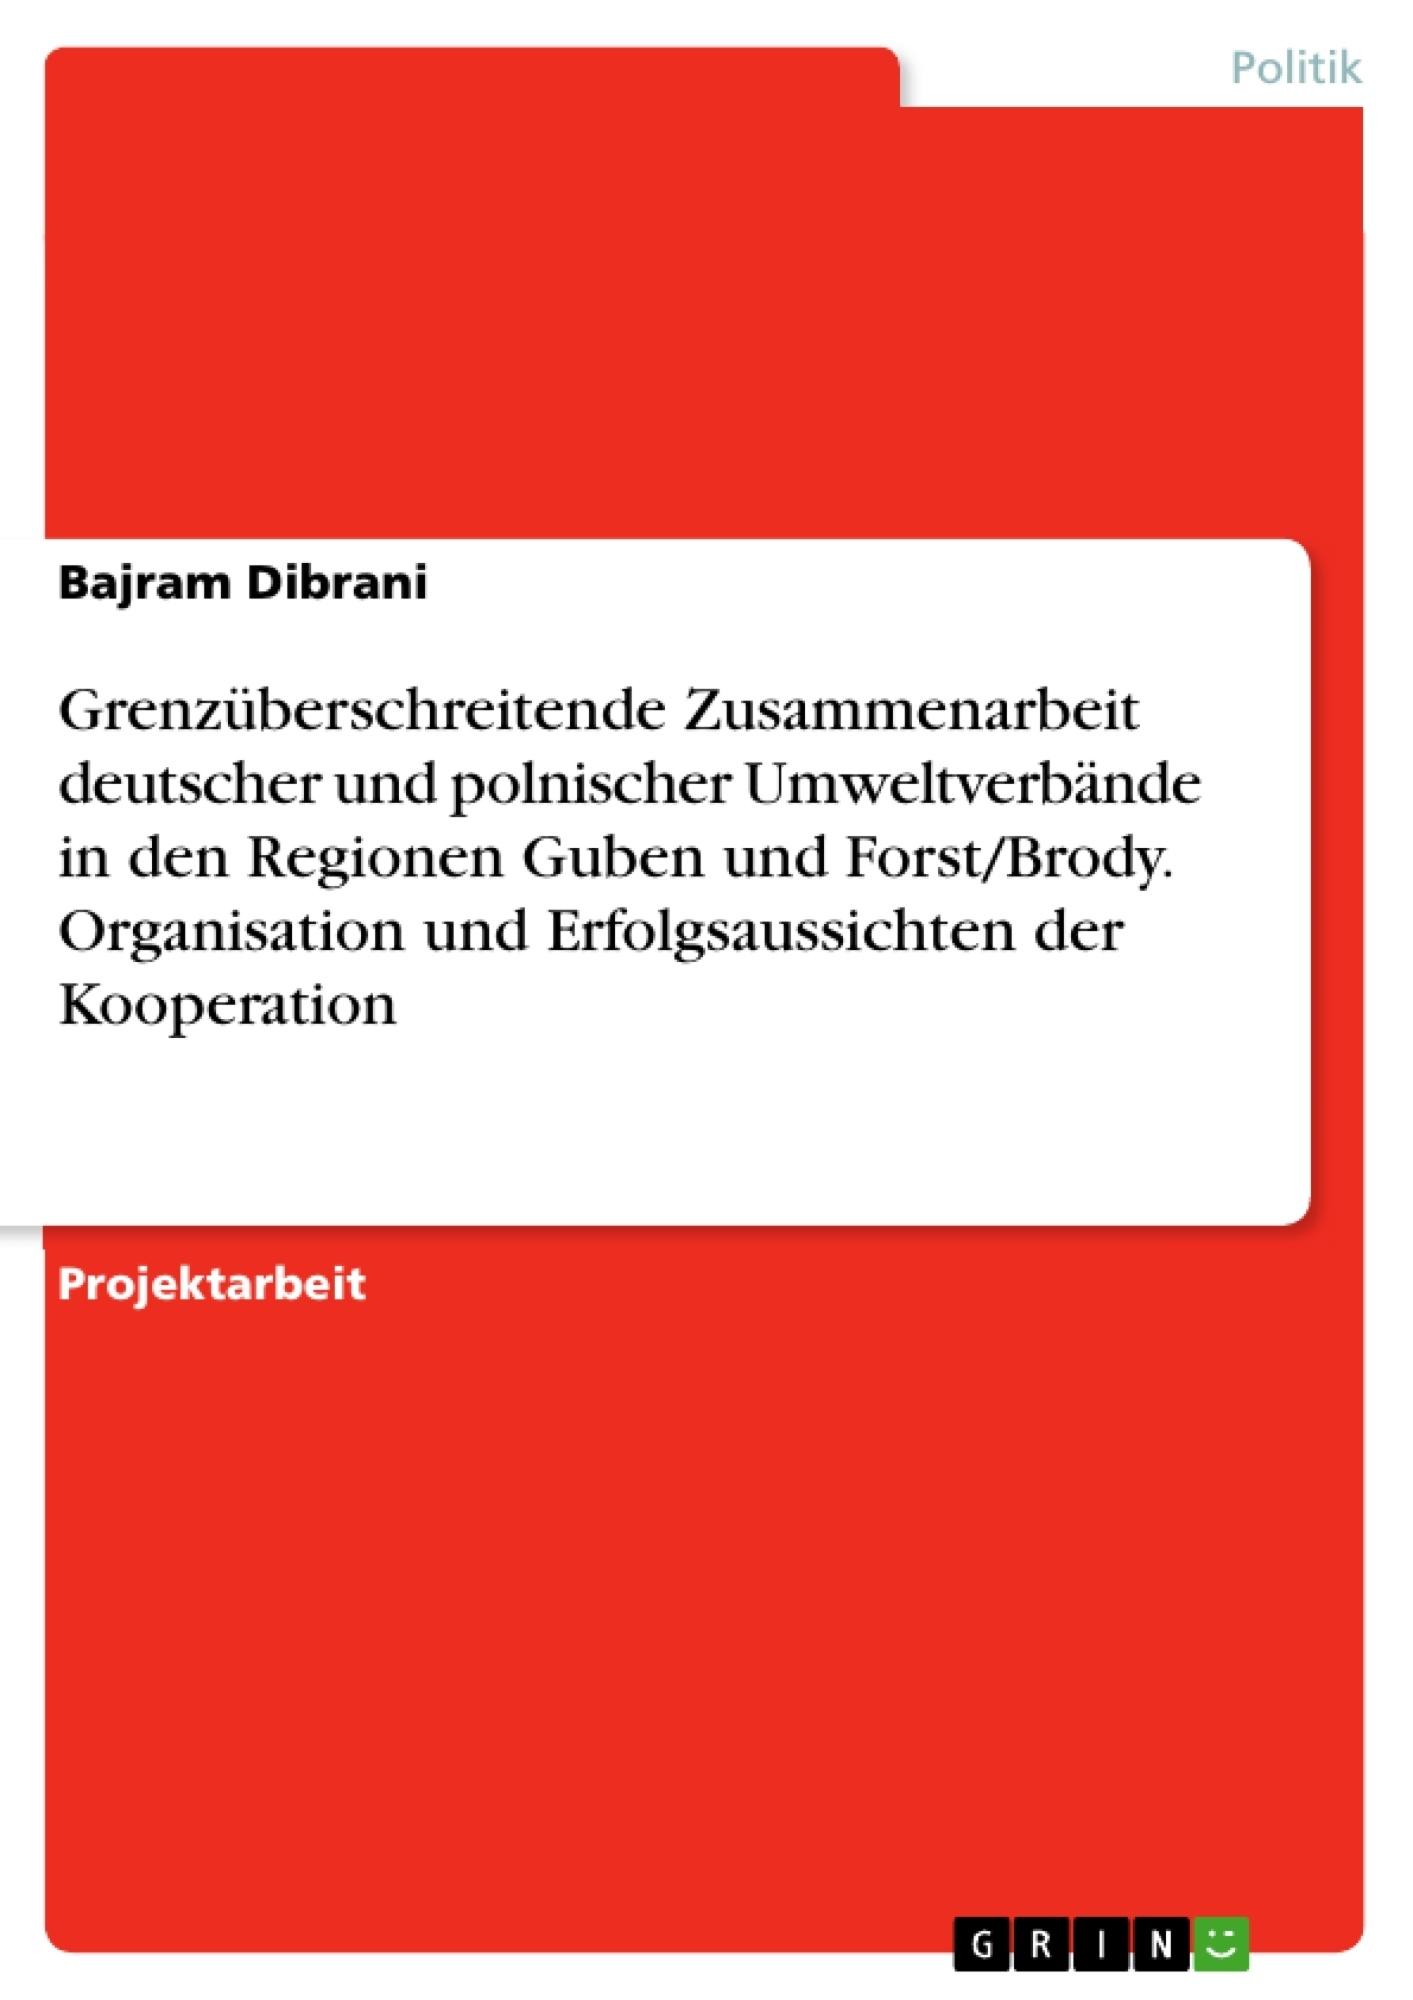 Titel: Grenzüberschreitende Zusammenarbeit deutscher und polnischer Umweltverbände in den Regionen Guben und Forst/Brody. Organisation und Erfolgsaussichten der Kooperation